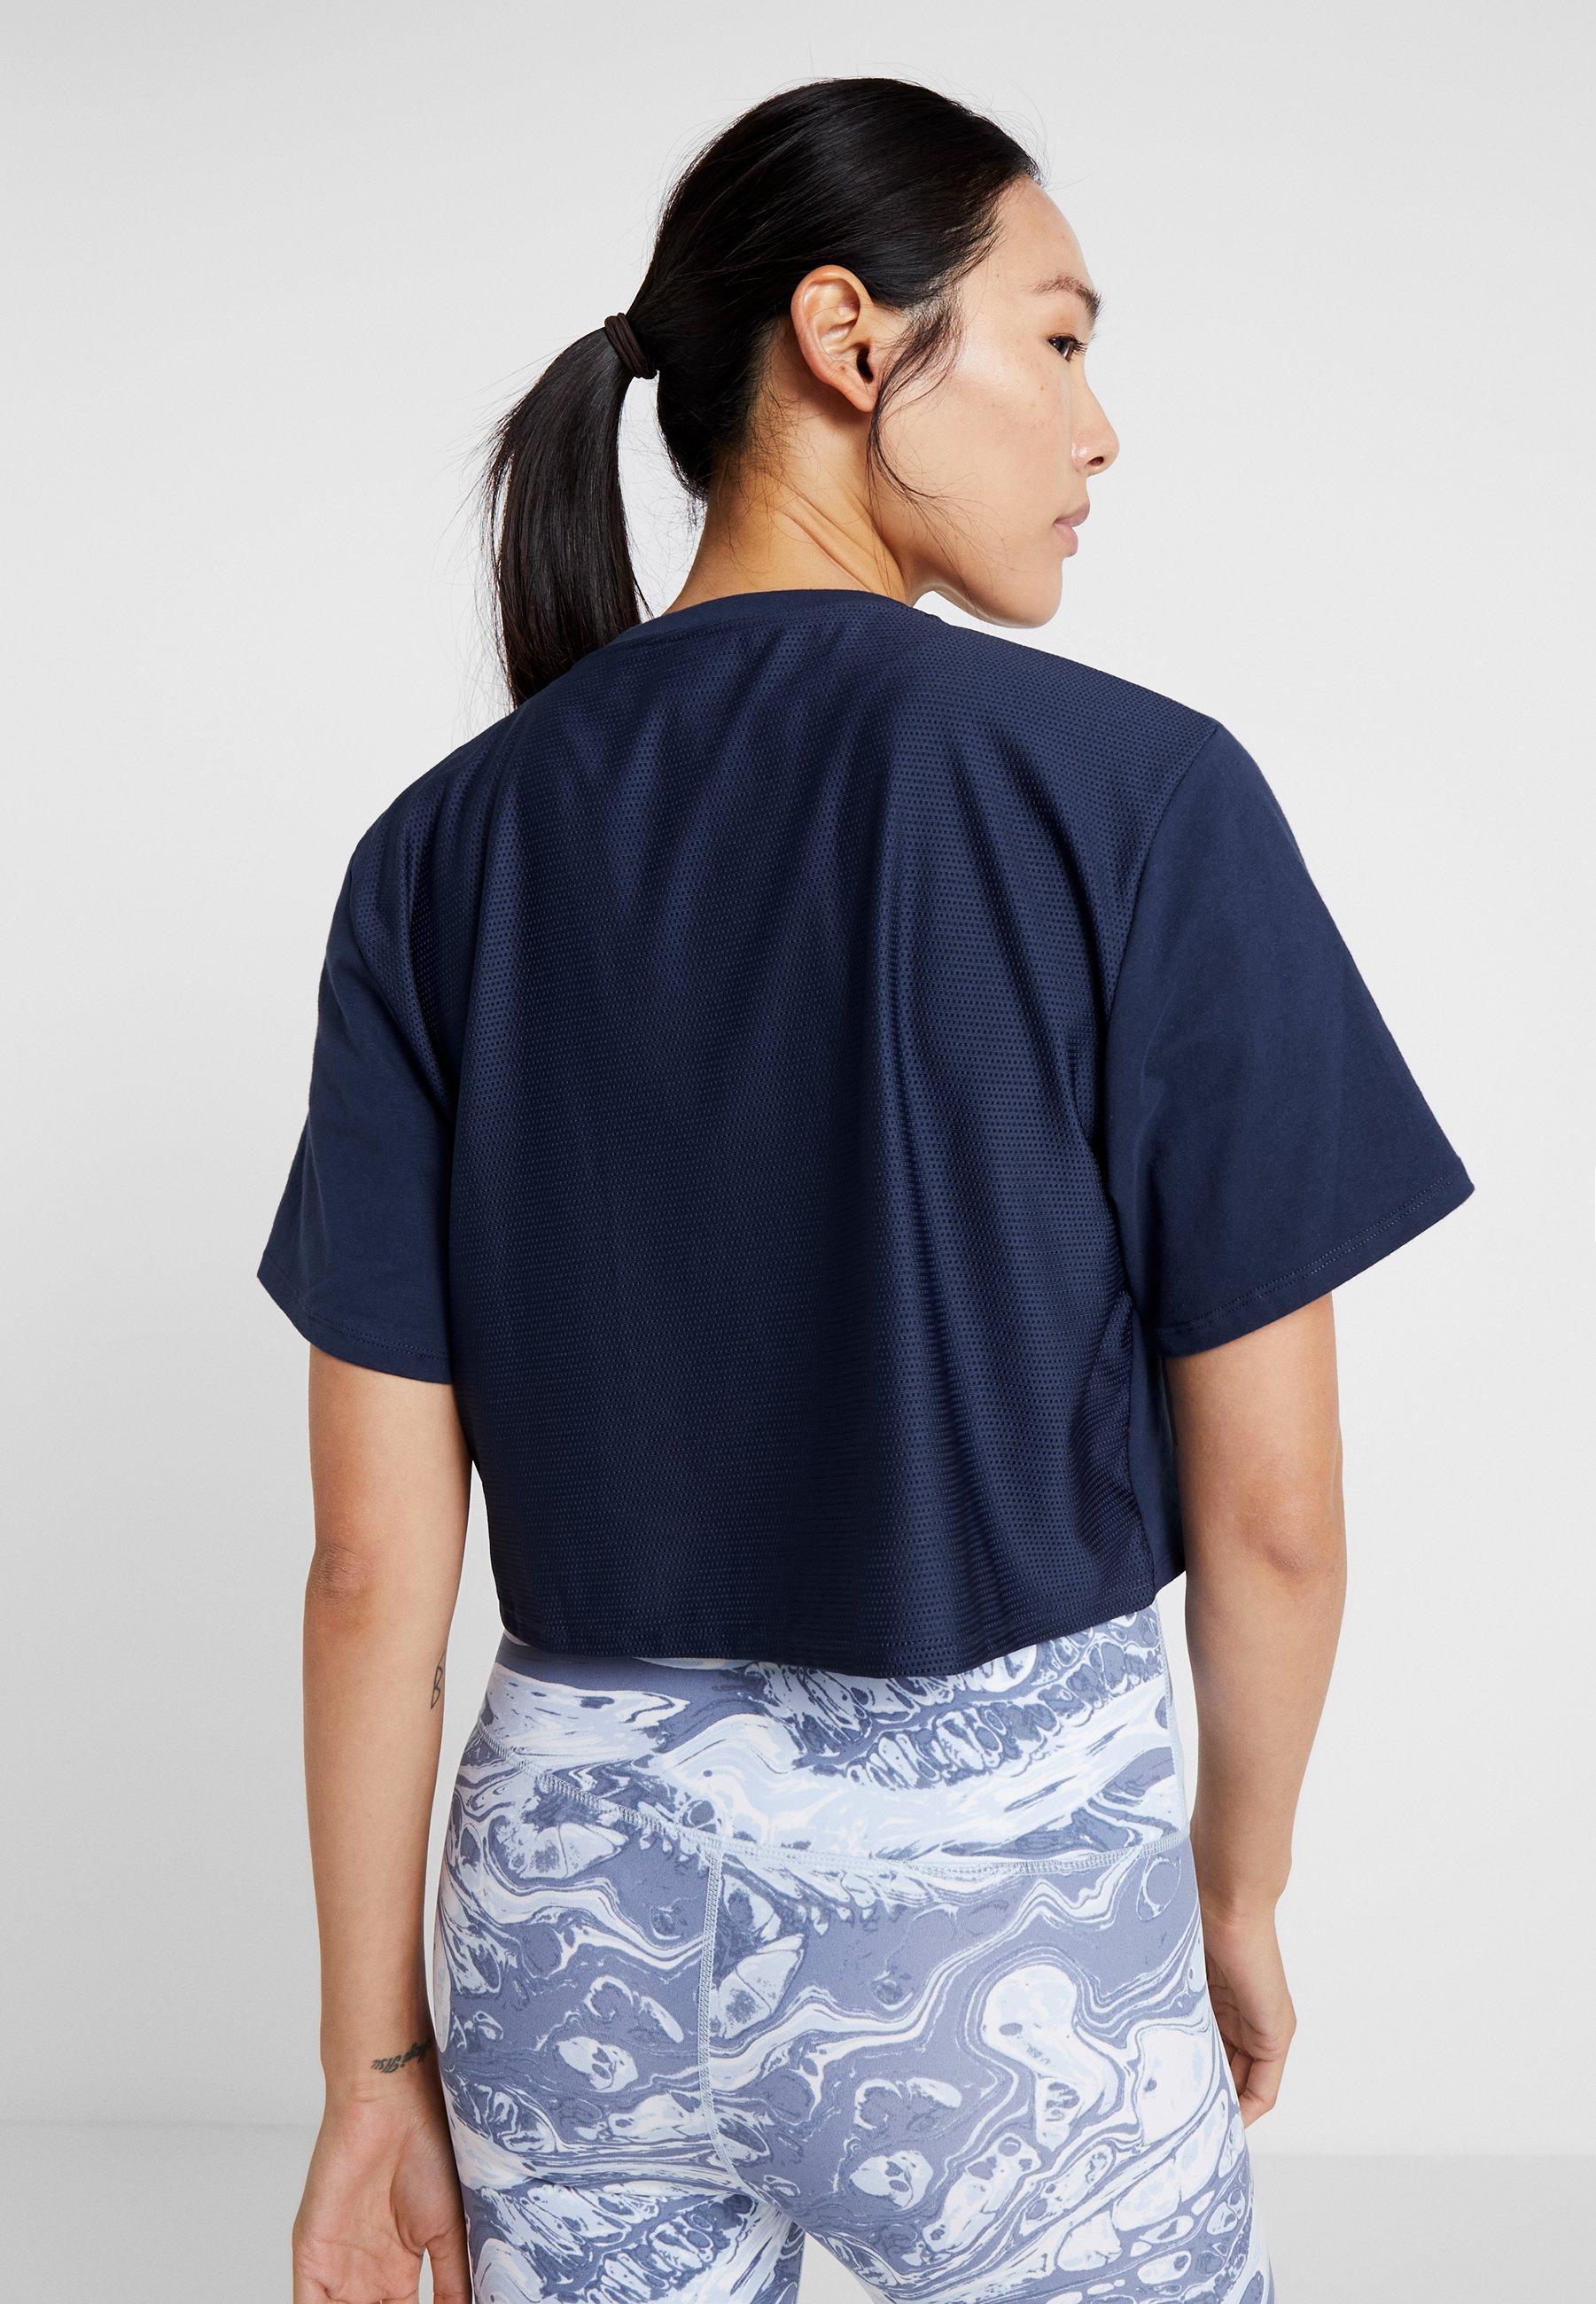 Imprimé shirt Navy Imprimé BarletinoT Ellesse BarletinoT shirt Ellesse bY6yvgf7